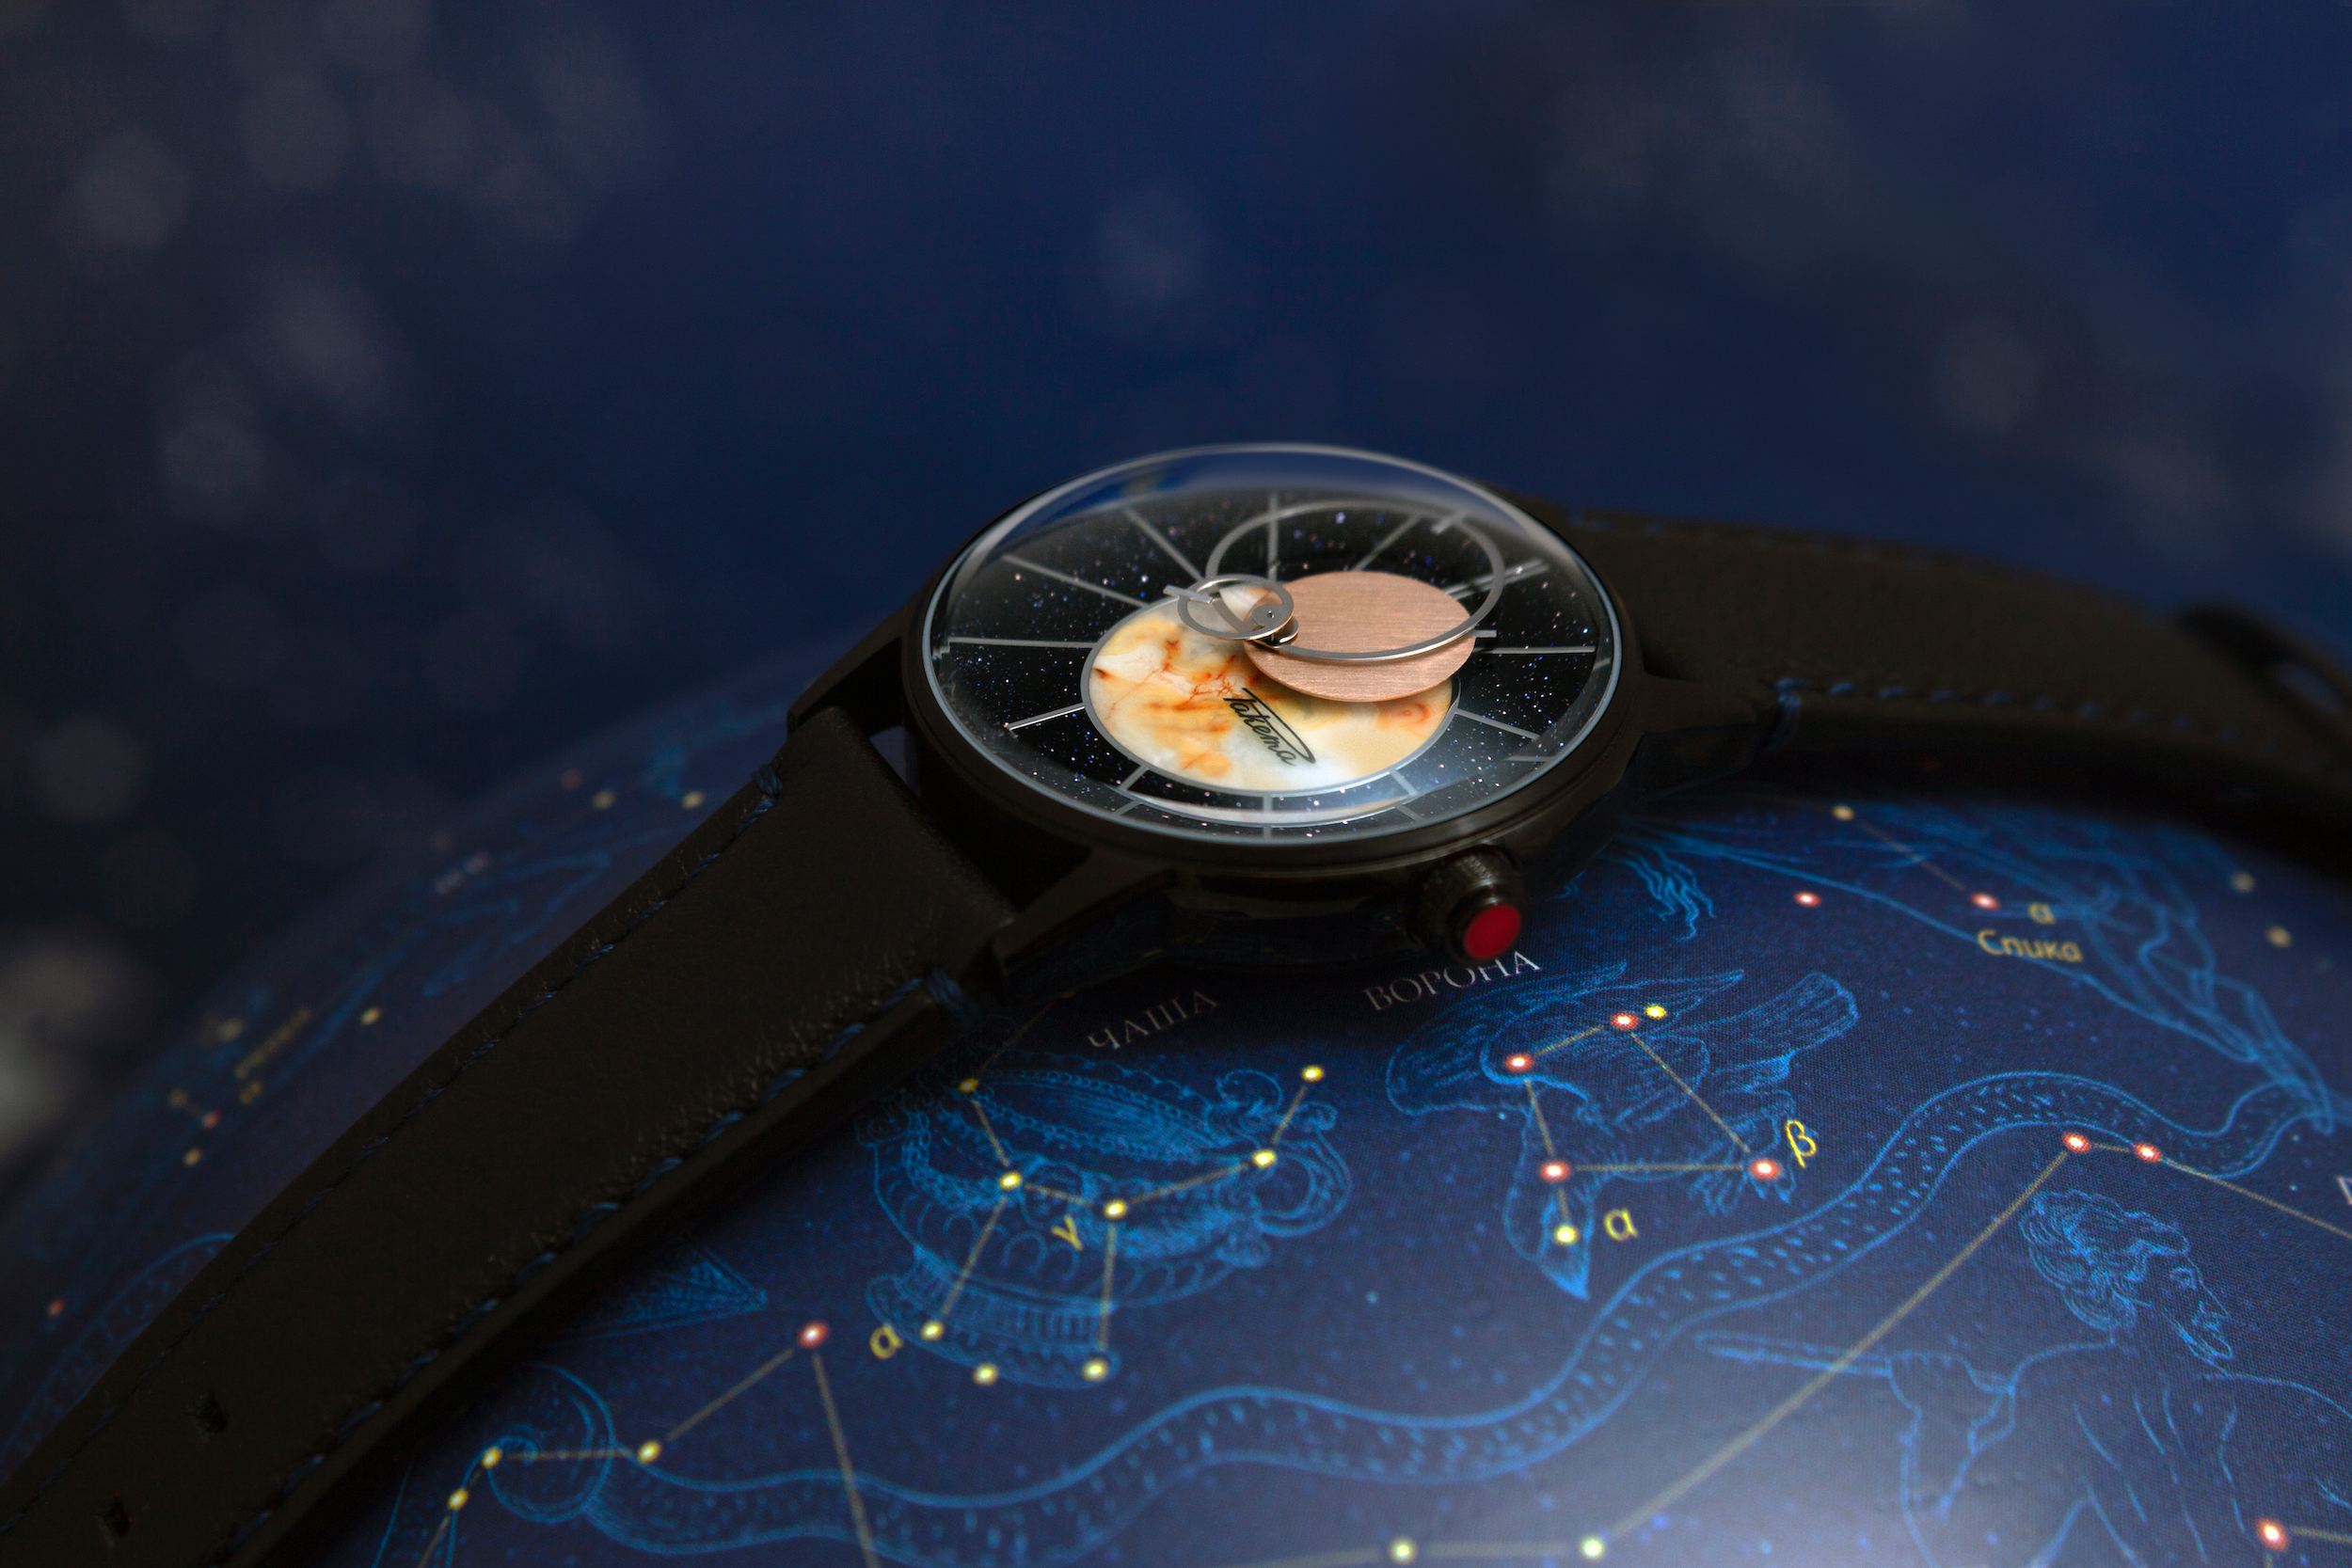 Raketa Copernicus 0280